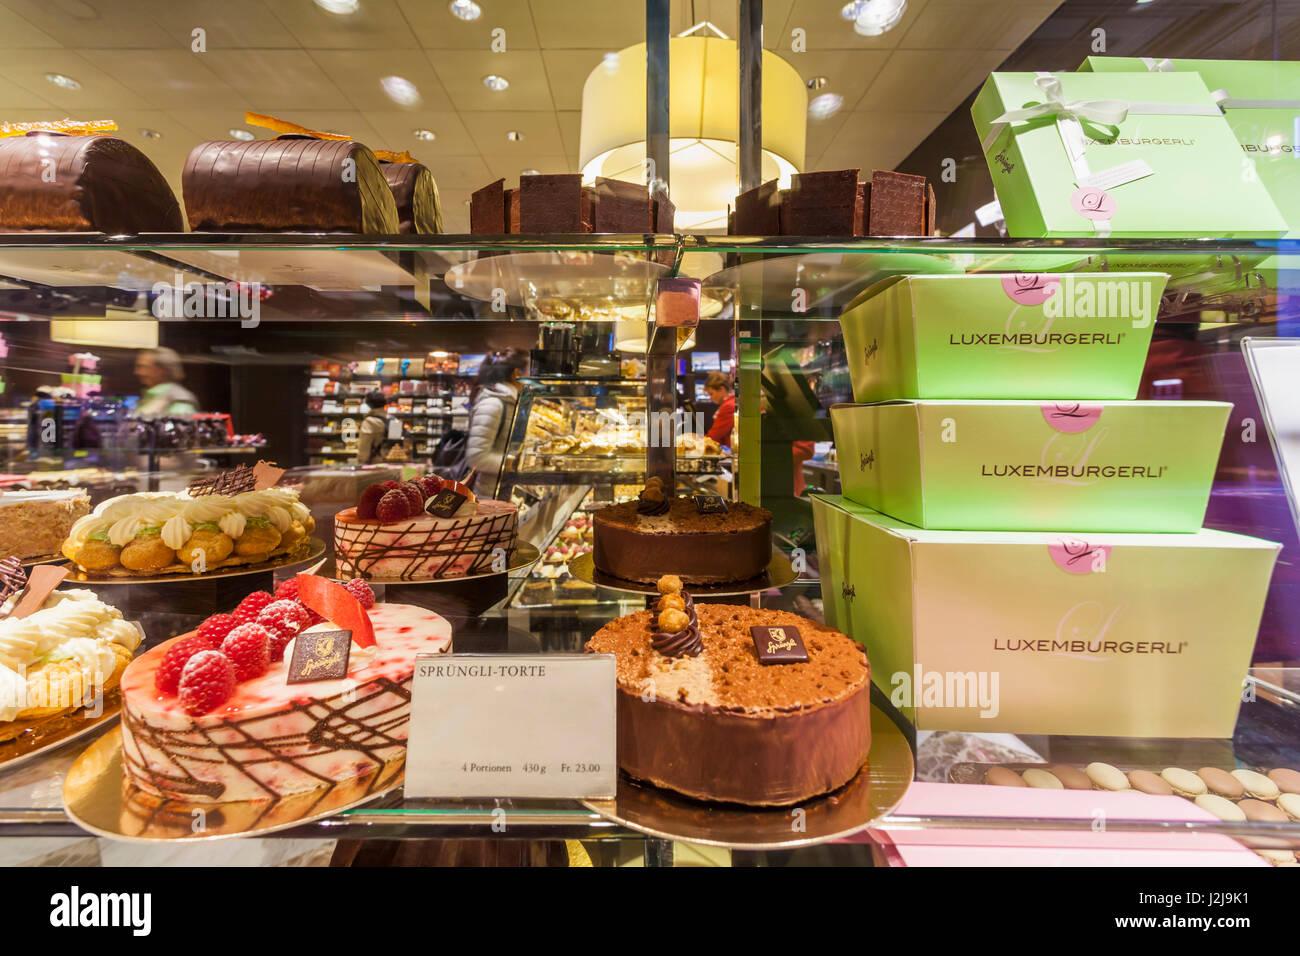 La Suisse, le canton de Zurich, Zurich, Sprüngli, pâtisserie, chocolat,  gâteau, Sprüngli Luxemburgerli